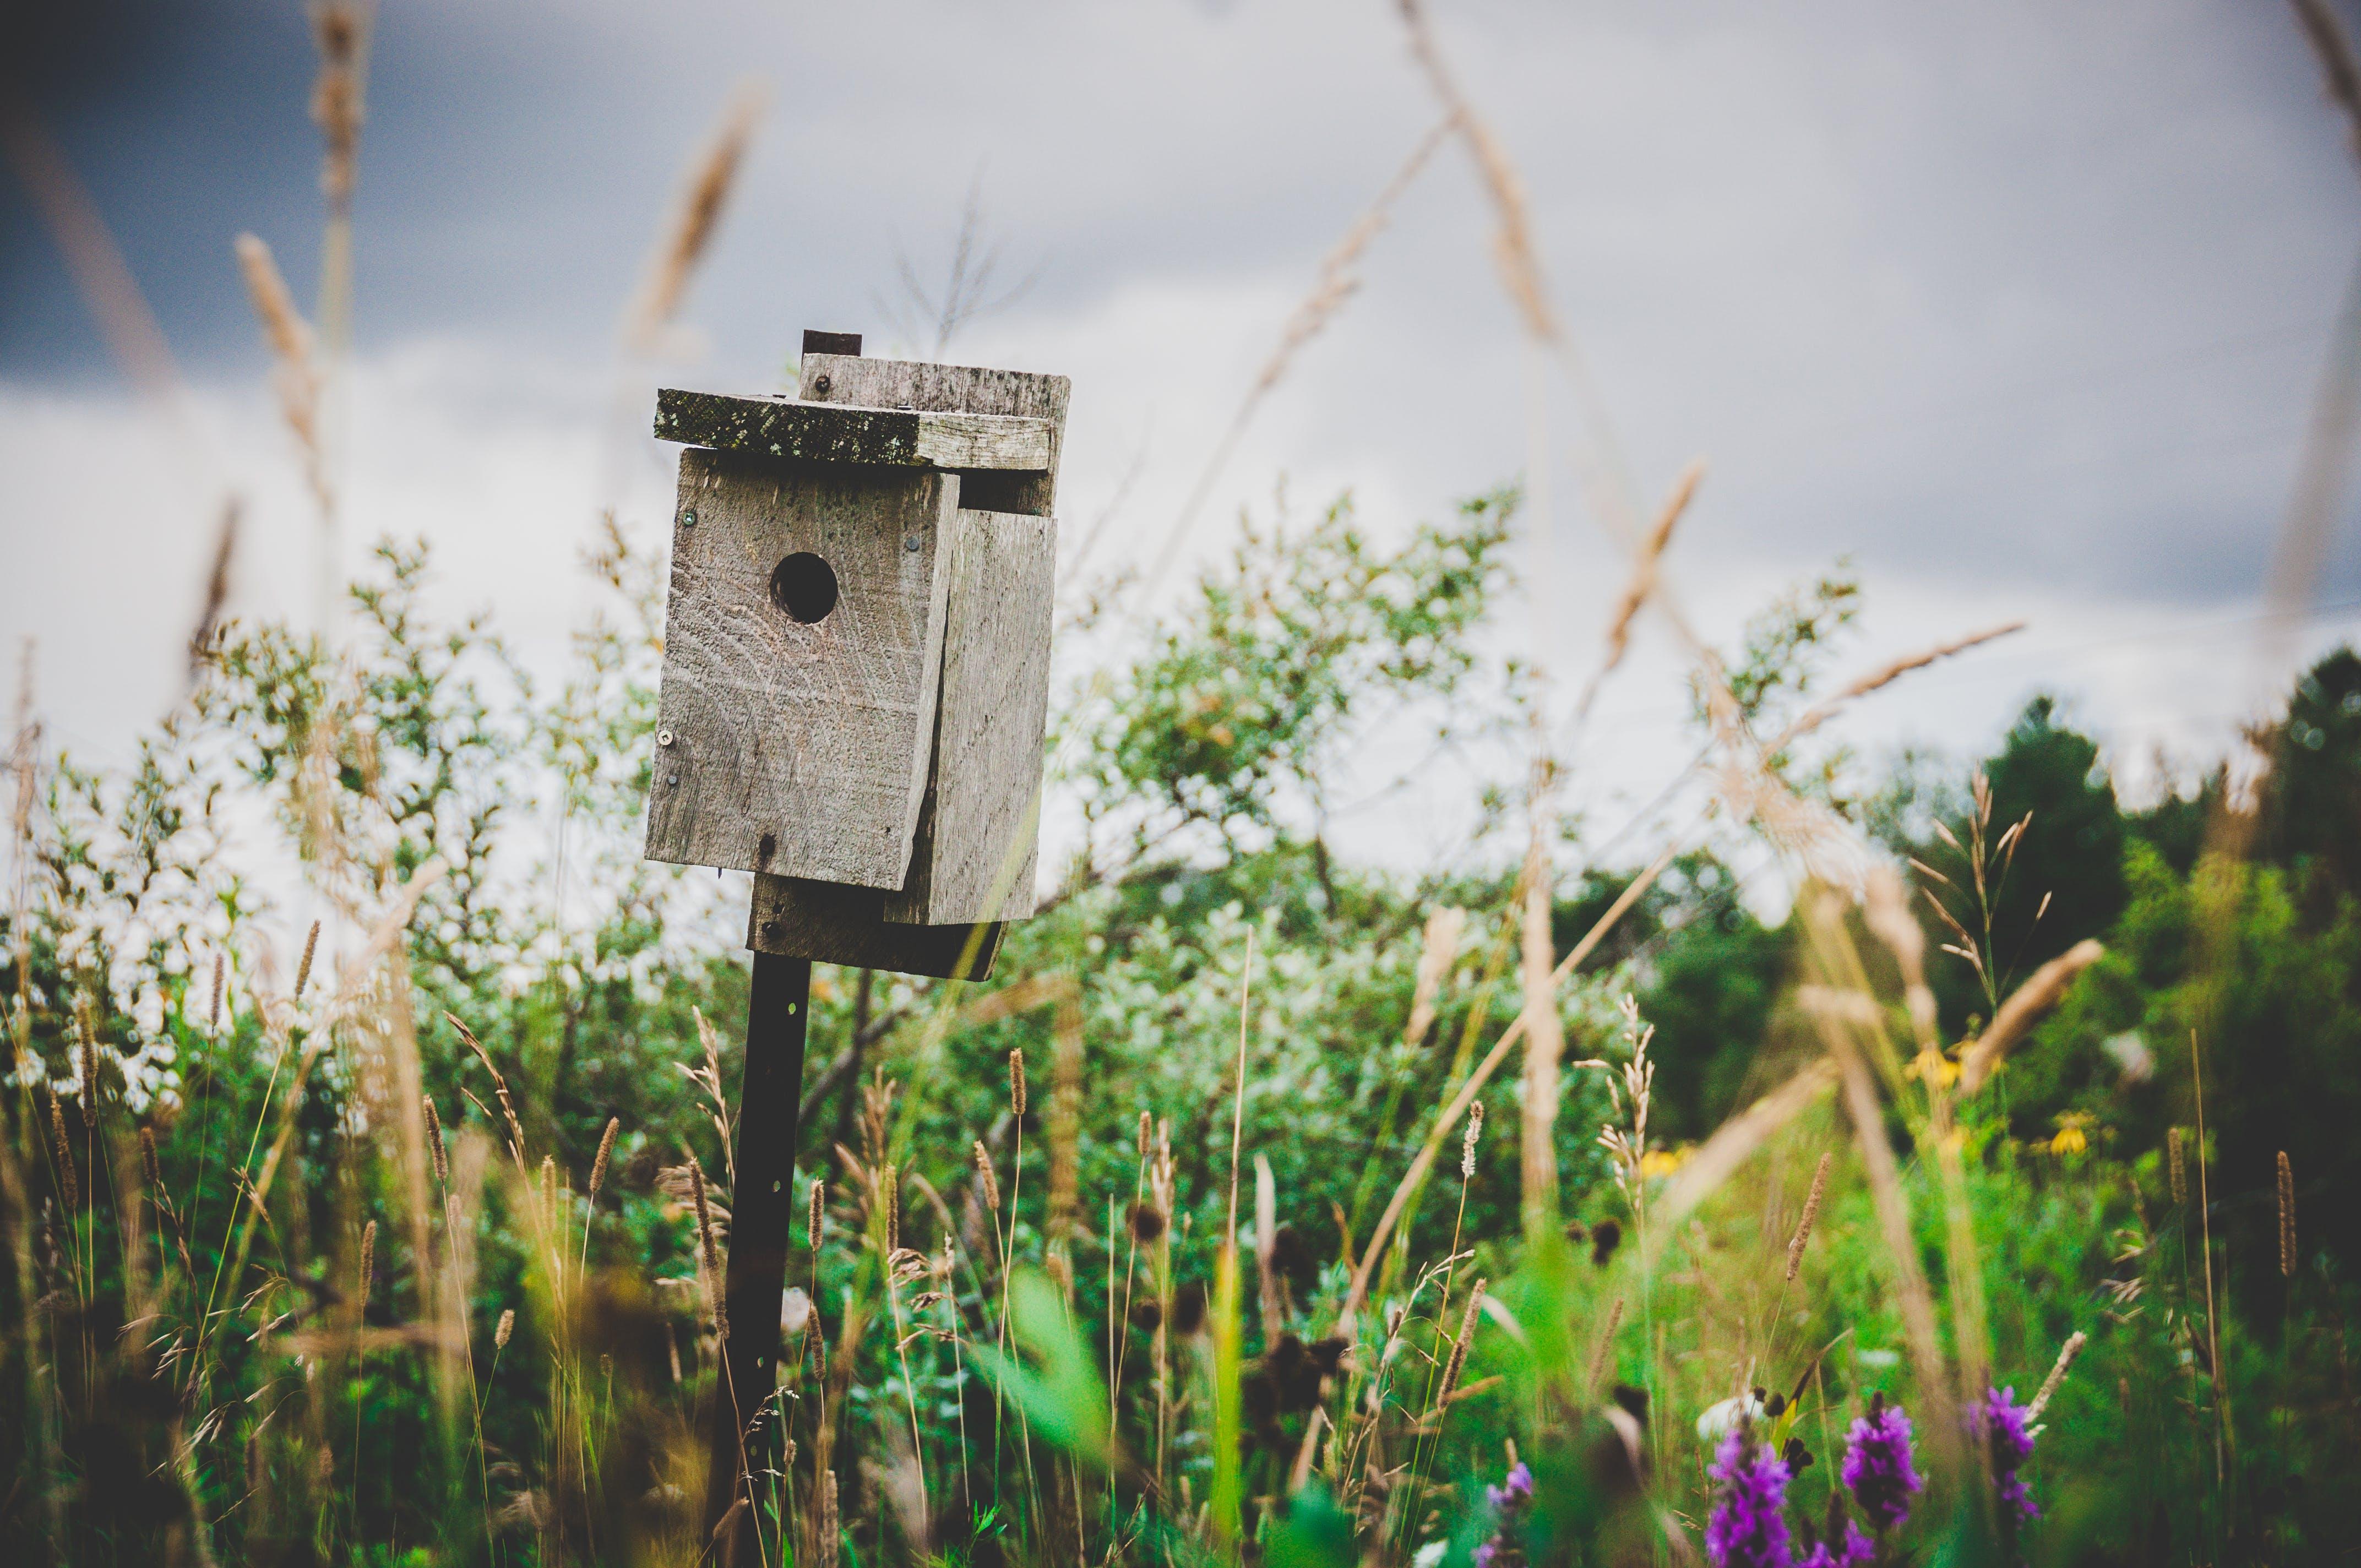 Selective Focus Photography of Gray Wooden Pedestal Birdhouse